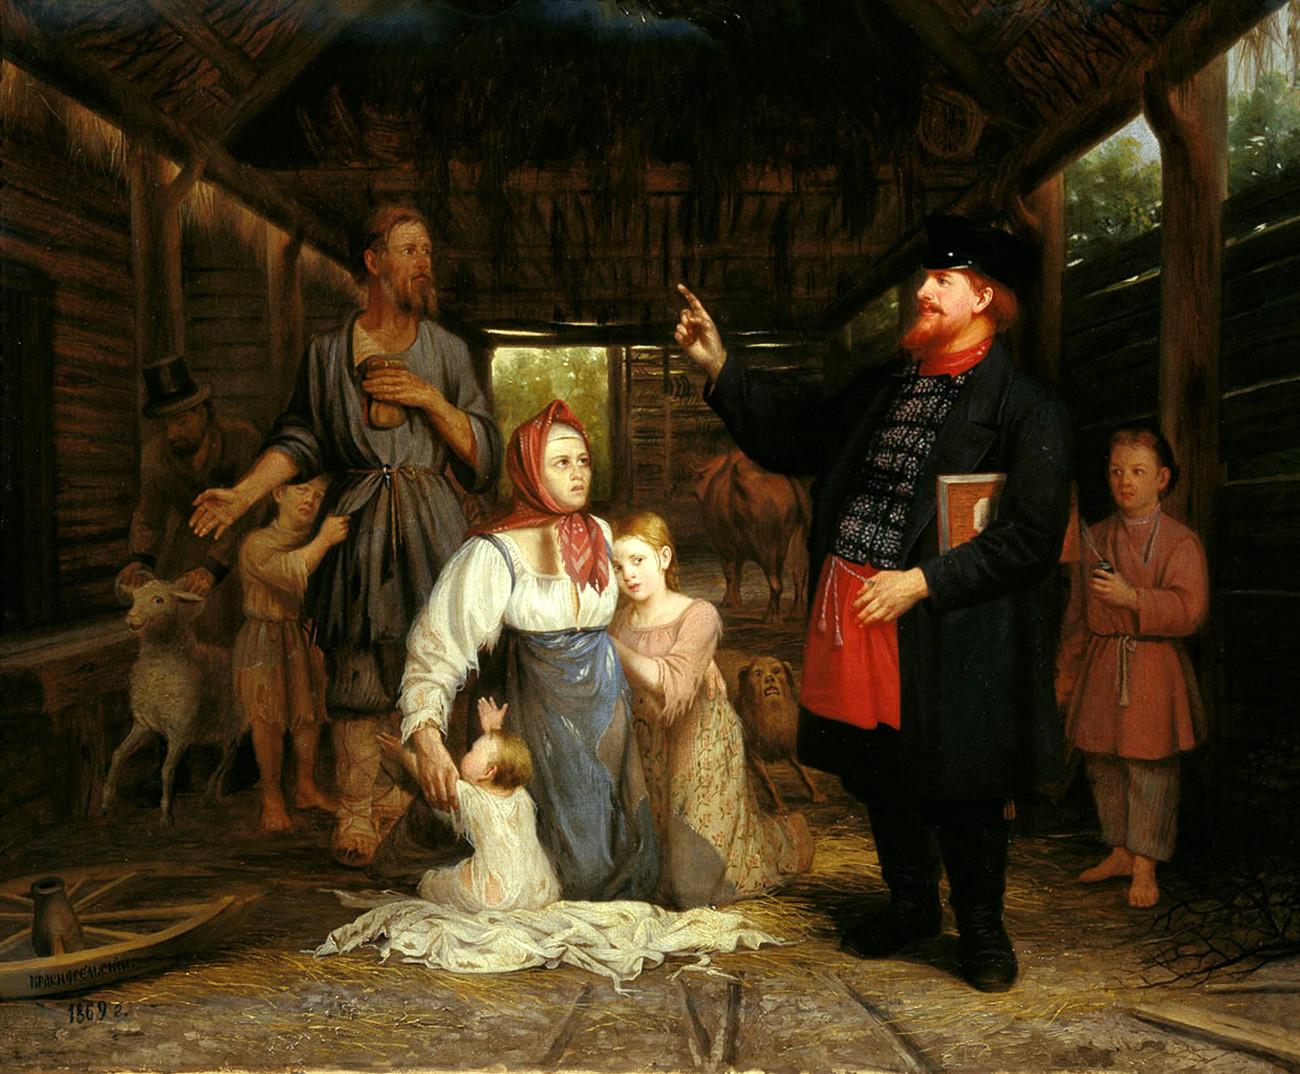 Eintreiben der Schulden in einem Bauerndorf von Alexander Krasnoselsky, 1869